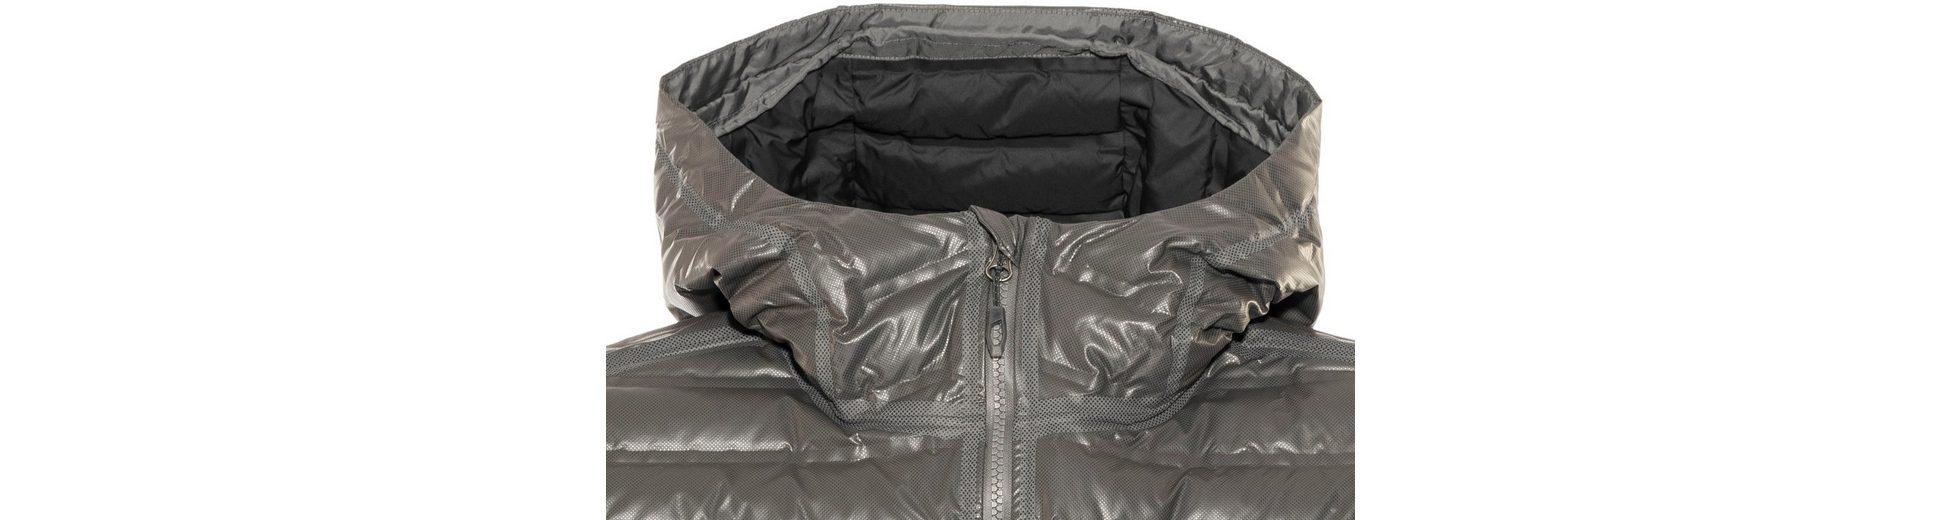 Ausgang Erhalten Authentisch Columbia Outdoorjacke OutDry Ex Gold Down Jacket Women Sie Günstig Online Zuverlässig Günstiger Preis Q6zDt